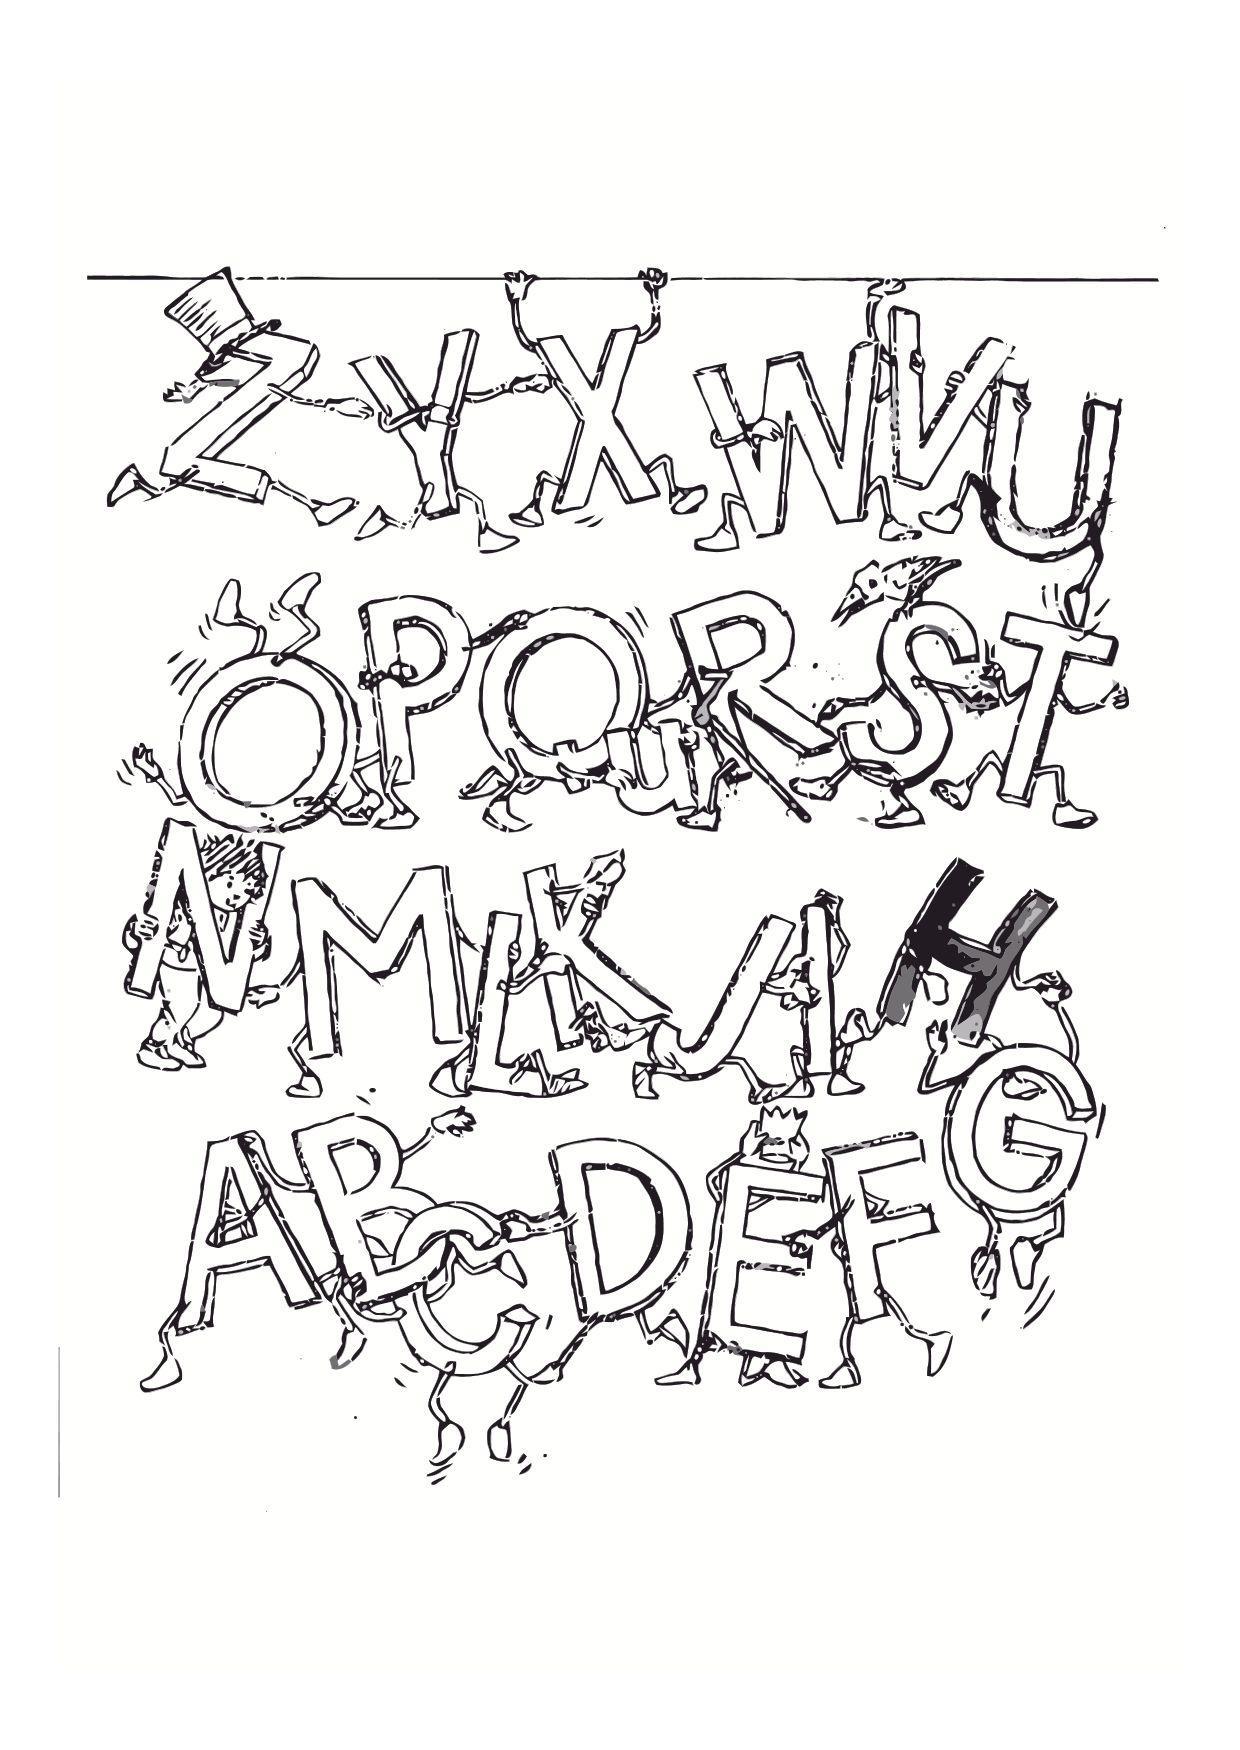 Coloriage De L Alphabet Avec Des Animaux | Des Milliers de Coloriage Imprimable Gratuit Images ...